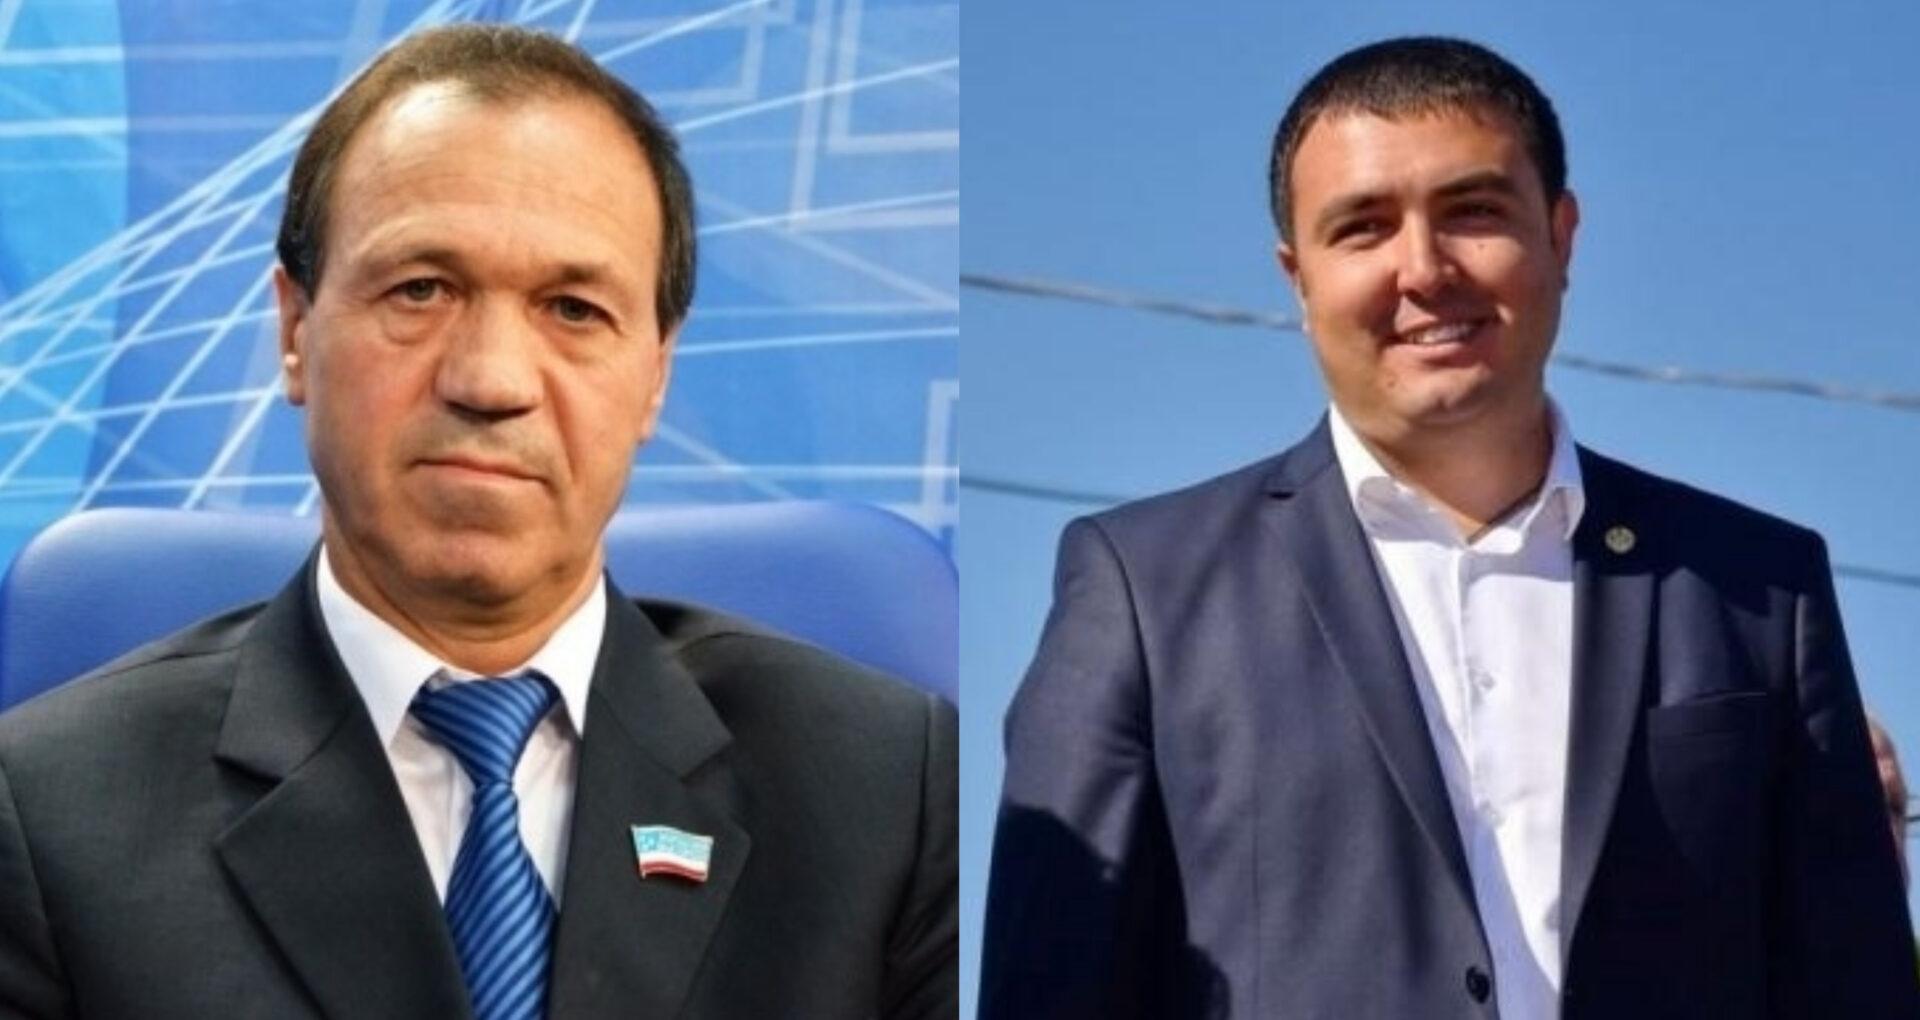 Alegătorii din UTA Găgăuzia trimit doi socialiști în Parlament pentru a le reprezenta interesele